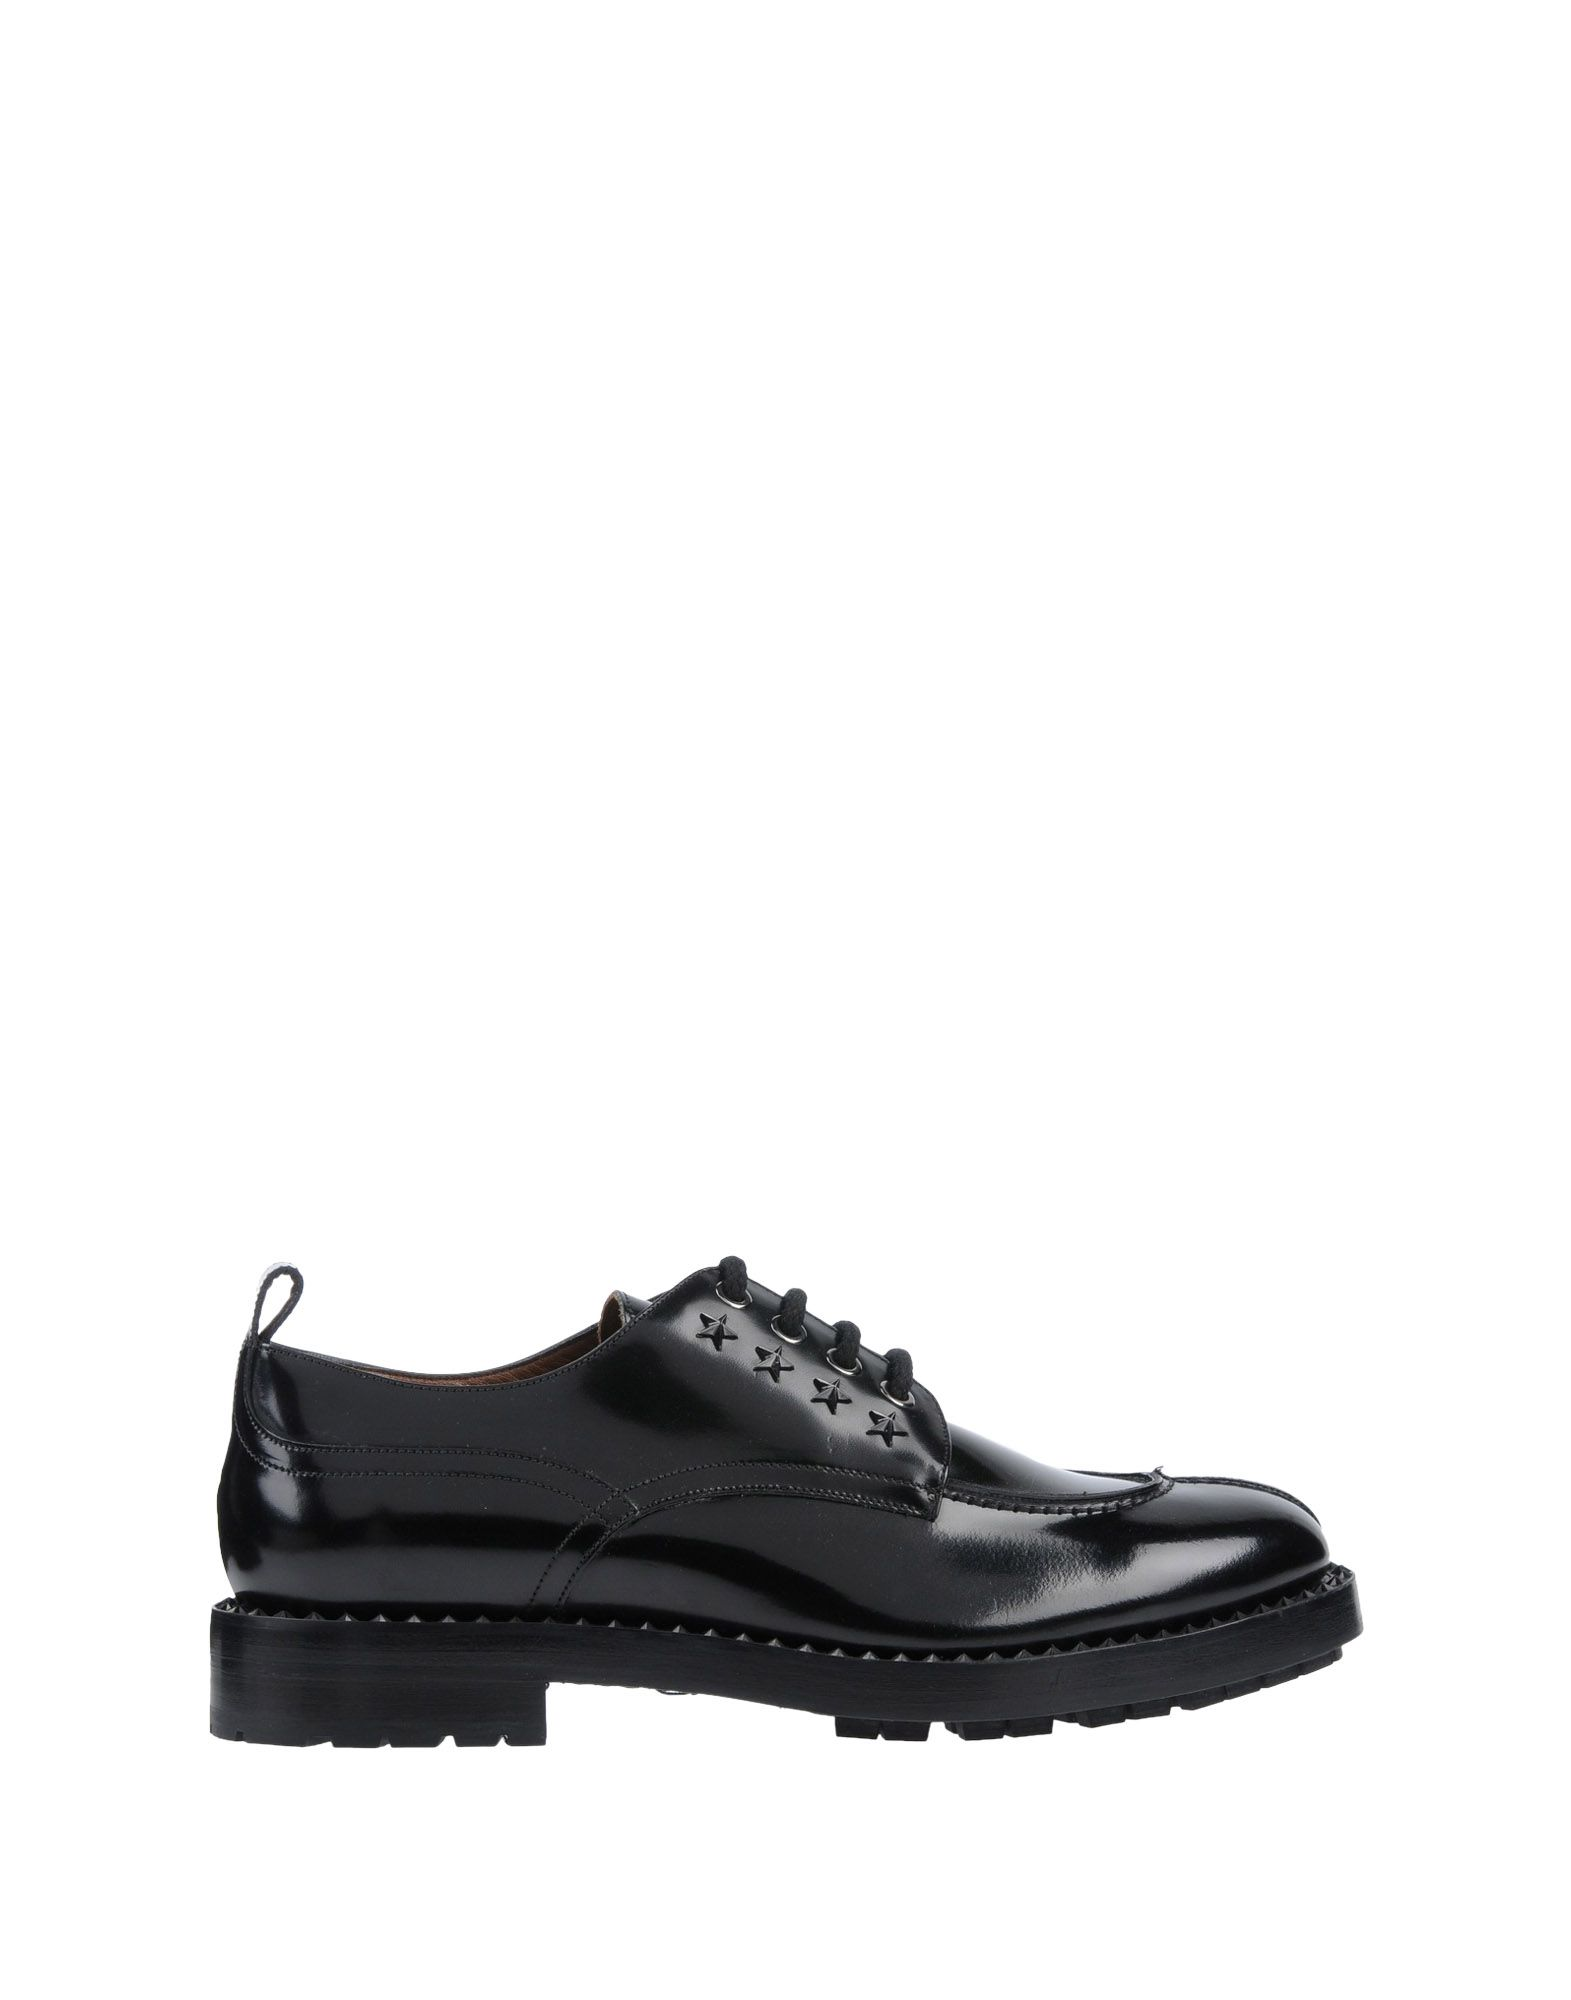 Jimmy Choo Schnürschuhe Herren  Schuhe 11463686VA Gute Qualität beliebte Schuhe  d0fbad